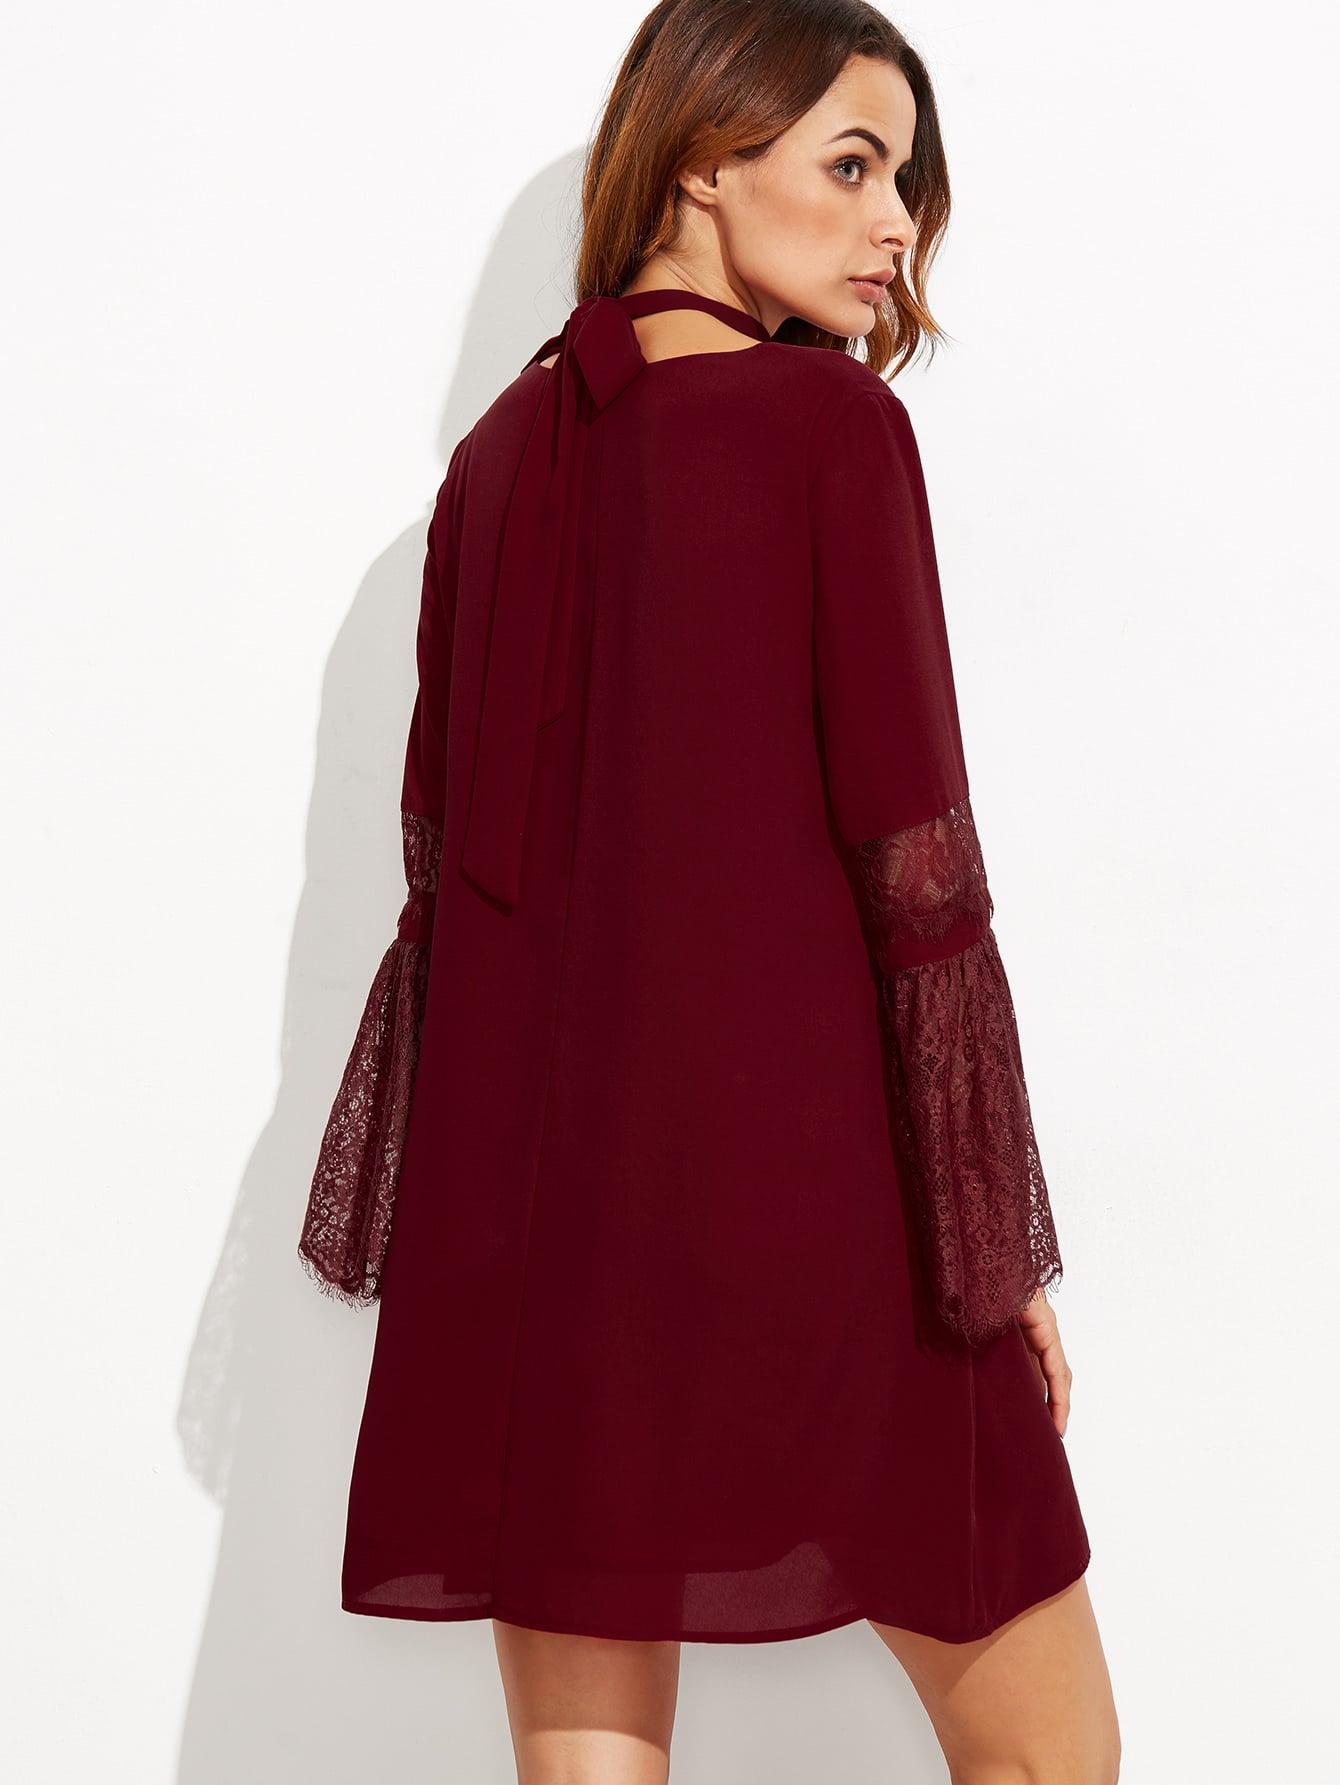 dress160830709_2